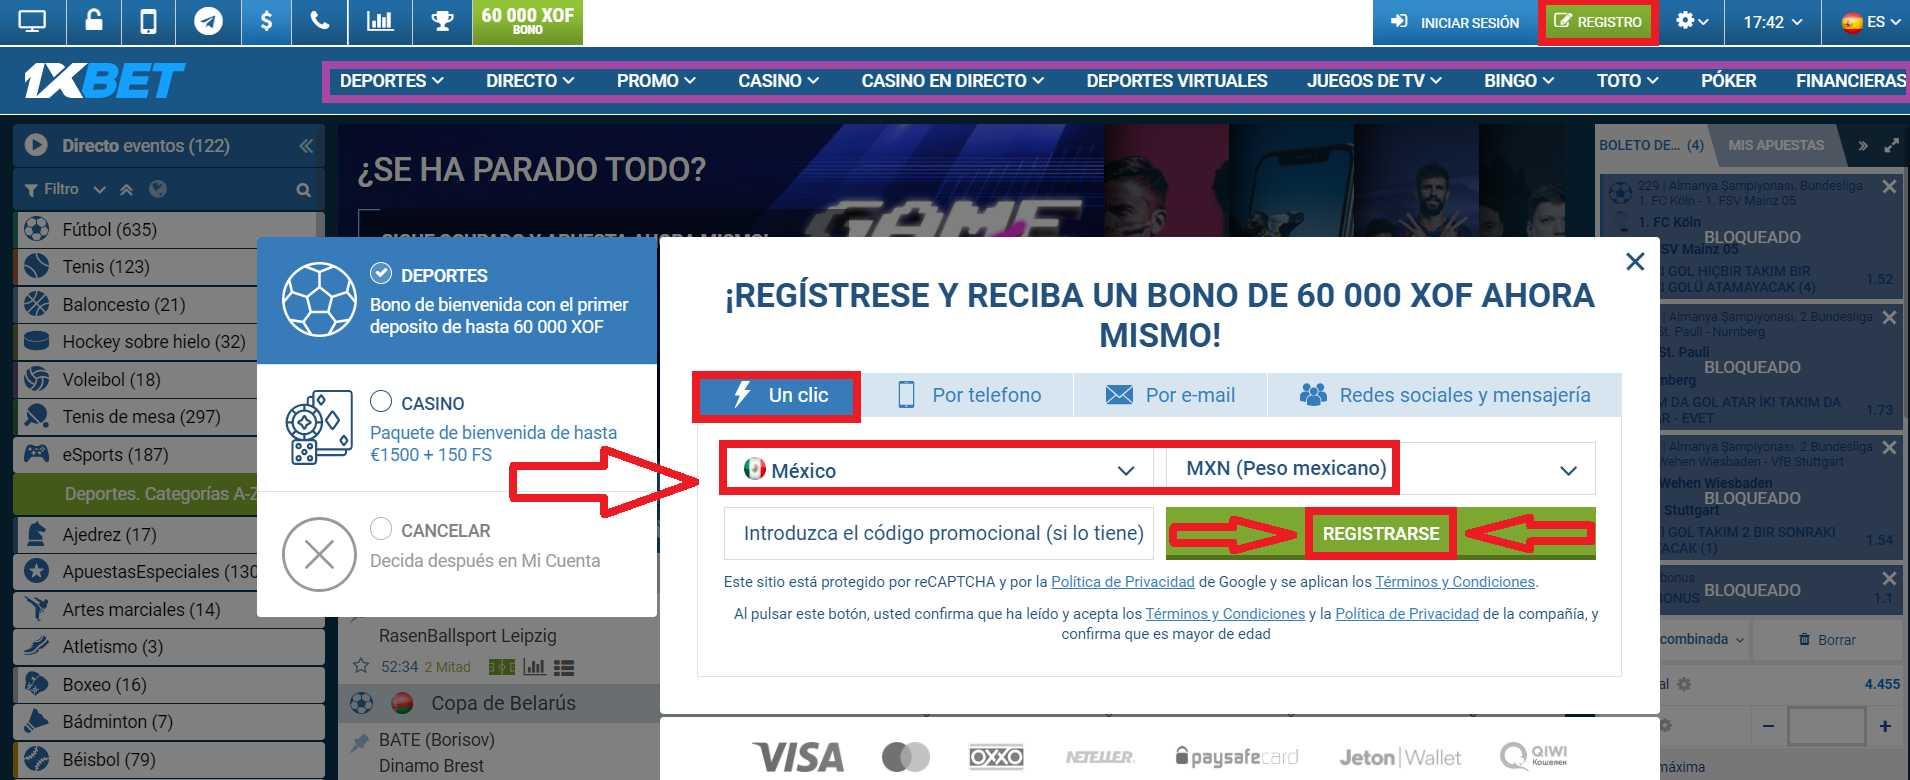 ¿Cómo obtener el bono al terminar el 1xBet registration?